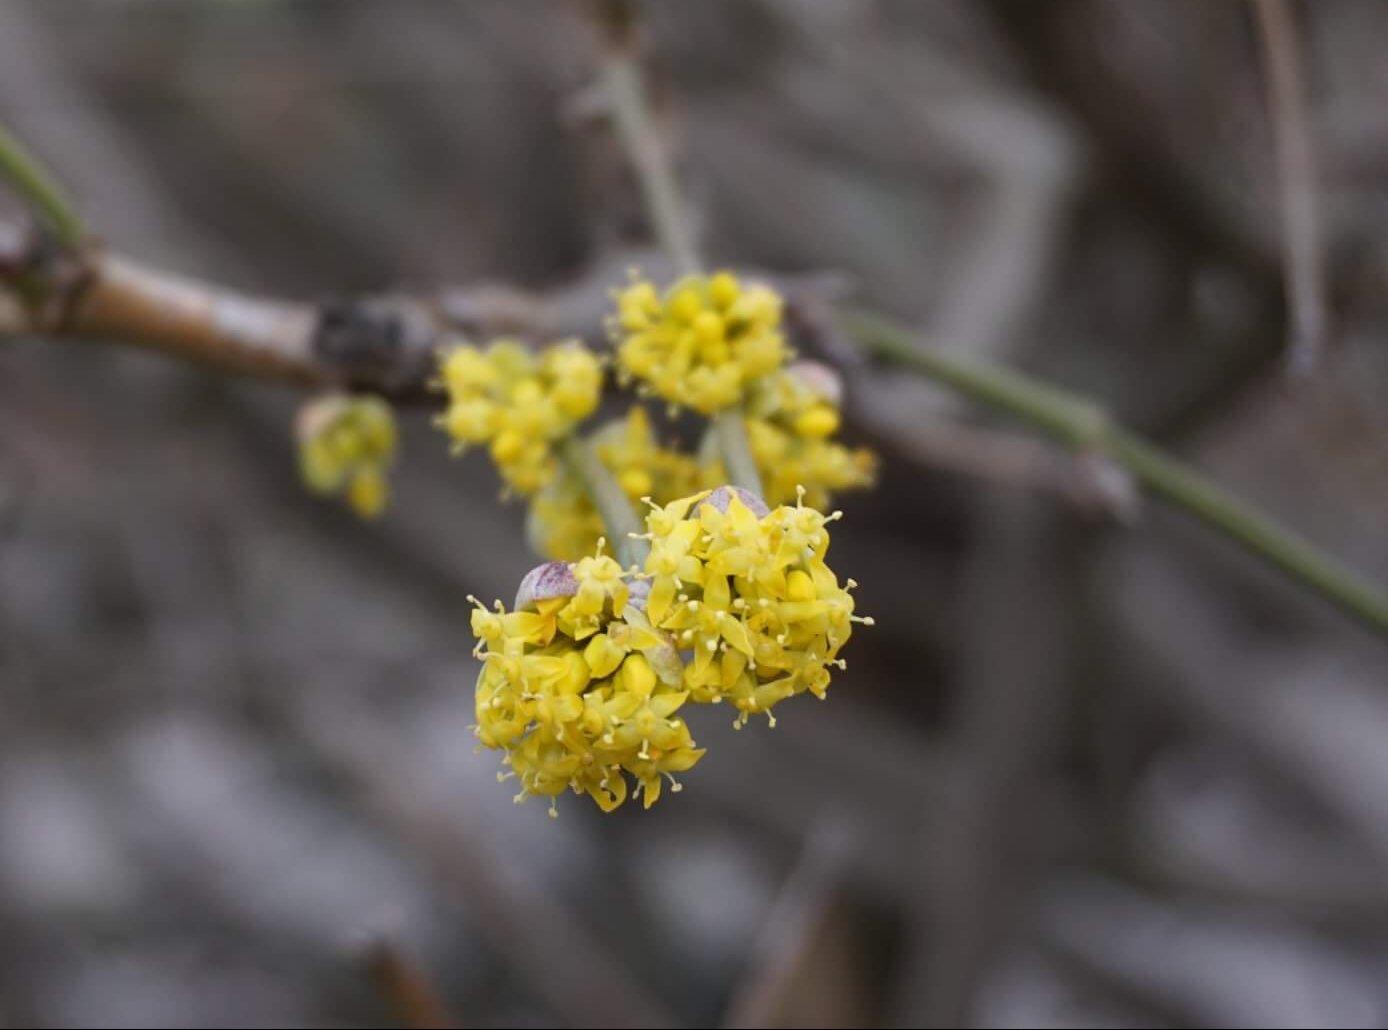 Das Bild zeigt die insgesamt gelb erscheinenden Blütenstände der Kornelkirsche, bestehend aus einer Vielzahl von doldenartig angeordneten Einzelblüten. Die Staubblätter sind jedoch weiß. Hier Mitte Februar 2020 im Kosmosviertel.